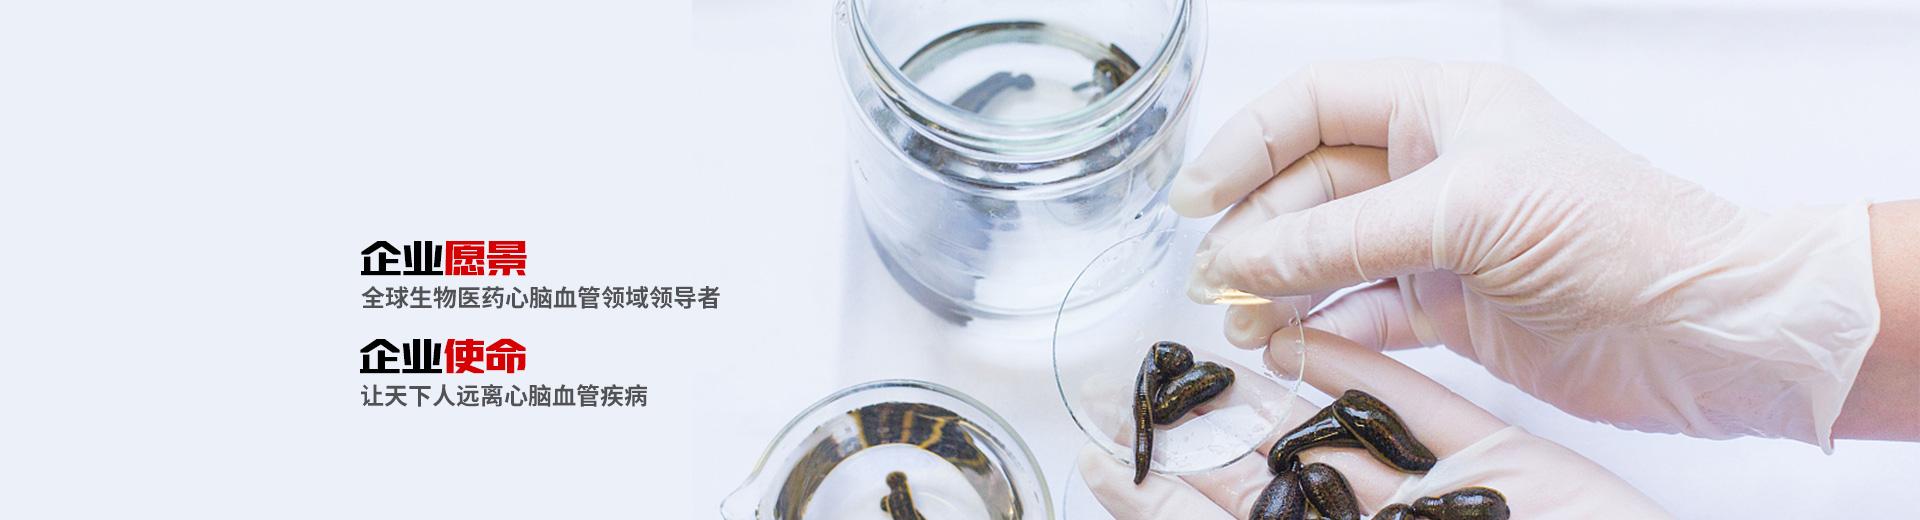 中国天然水蛭素专项研发生产-金海科康